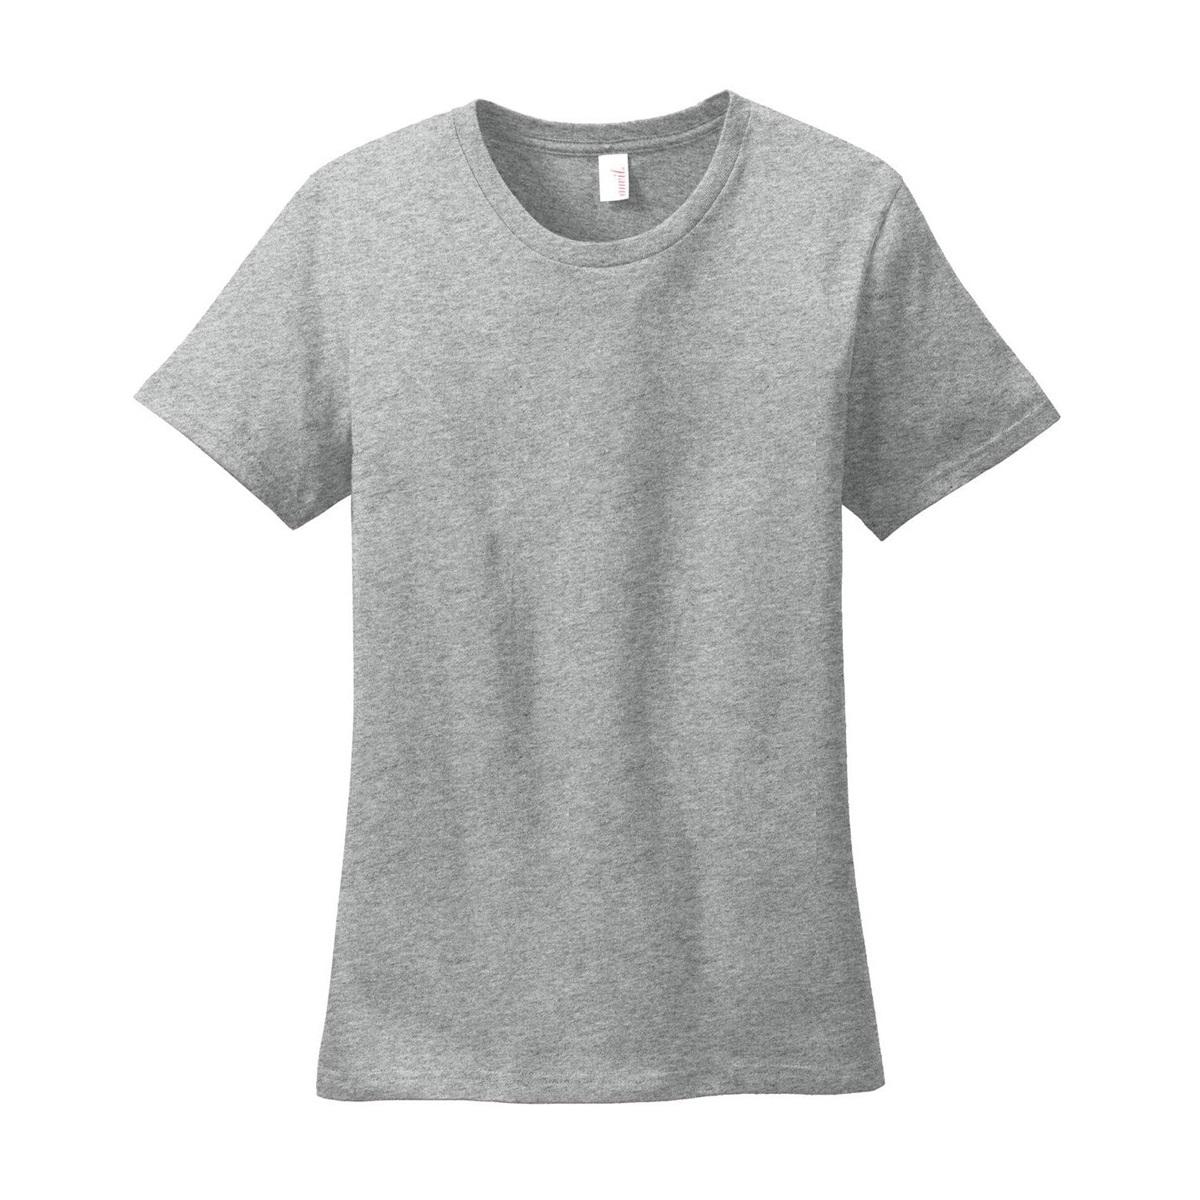 Anvil 880 Ladies Ring Spun Cotton T Shirt Heather Grey